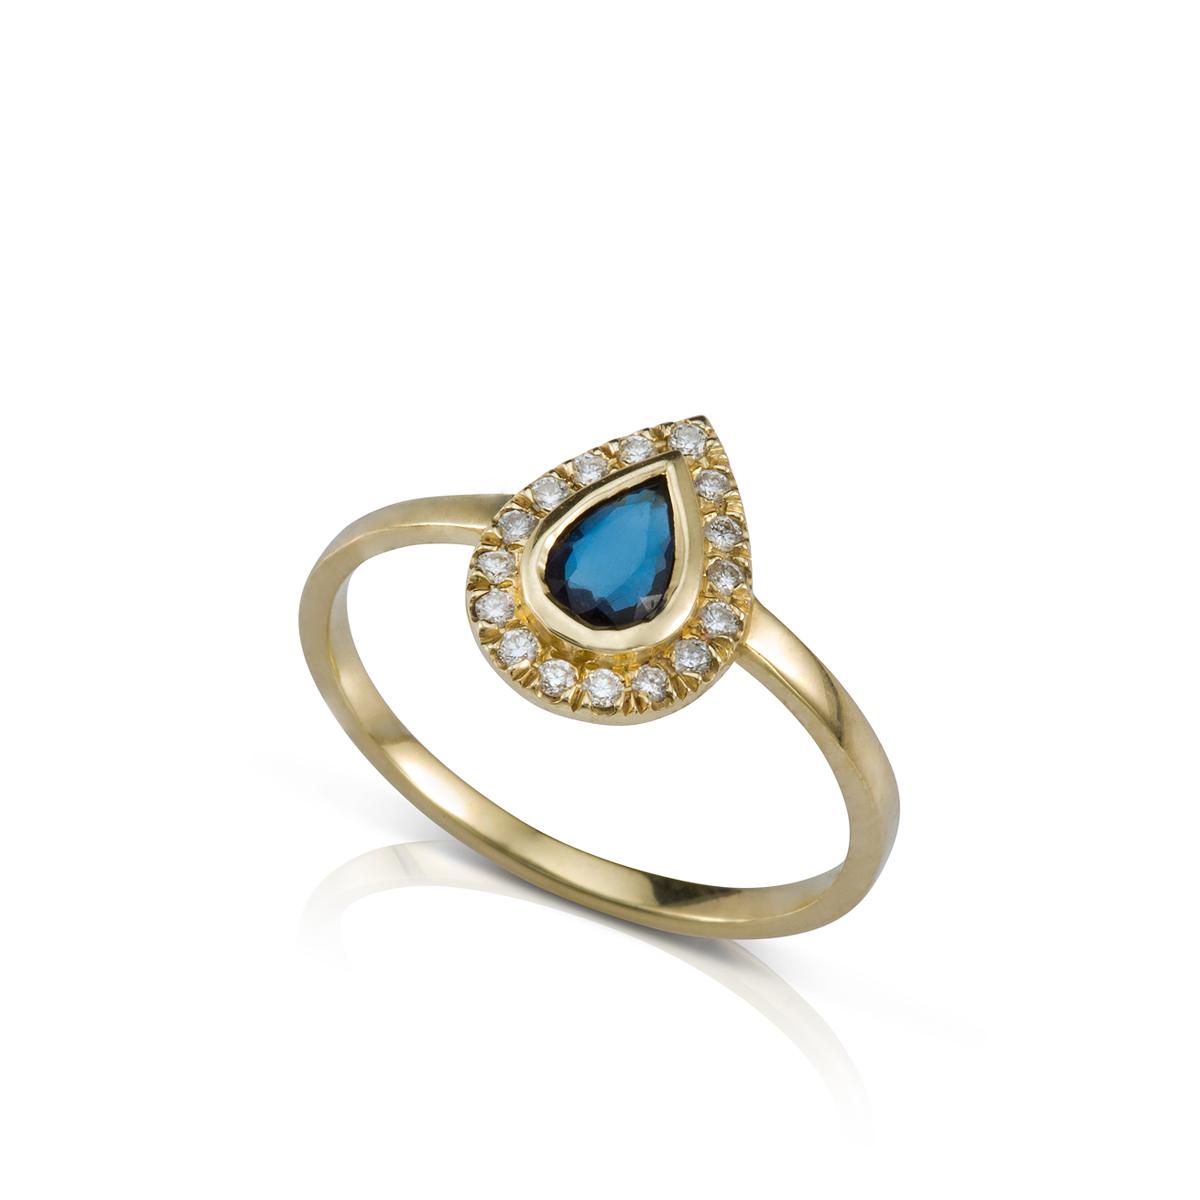 טבעת זהב קלאסית משובצת ספיר בצורת טיפה ויהלומים מסביב